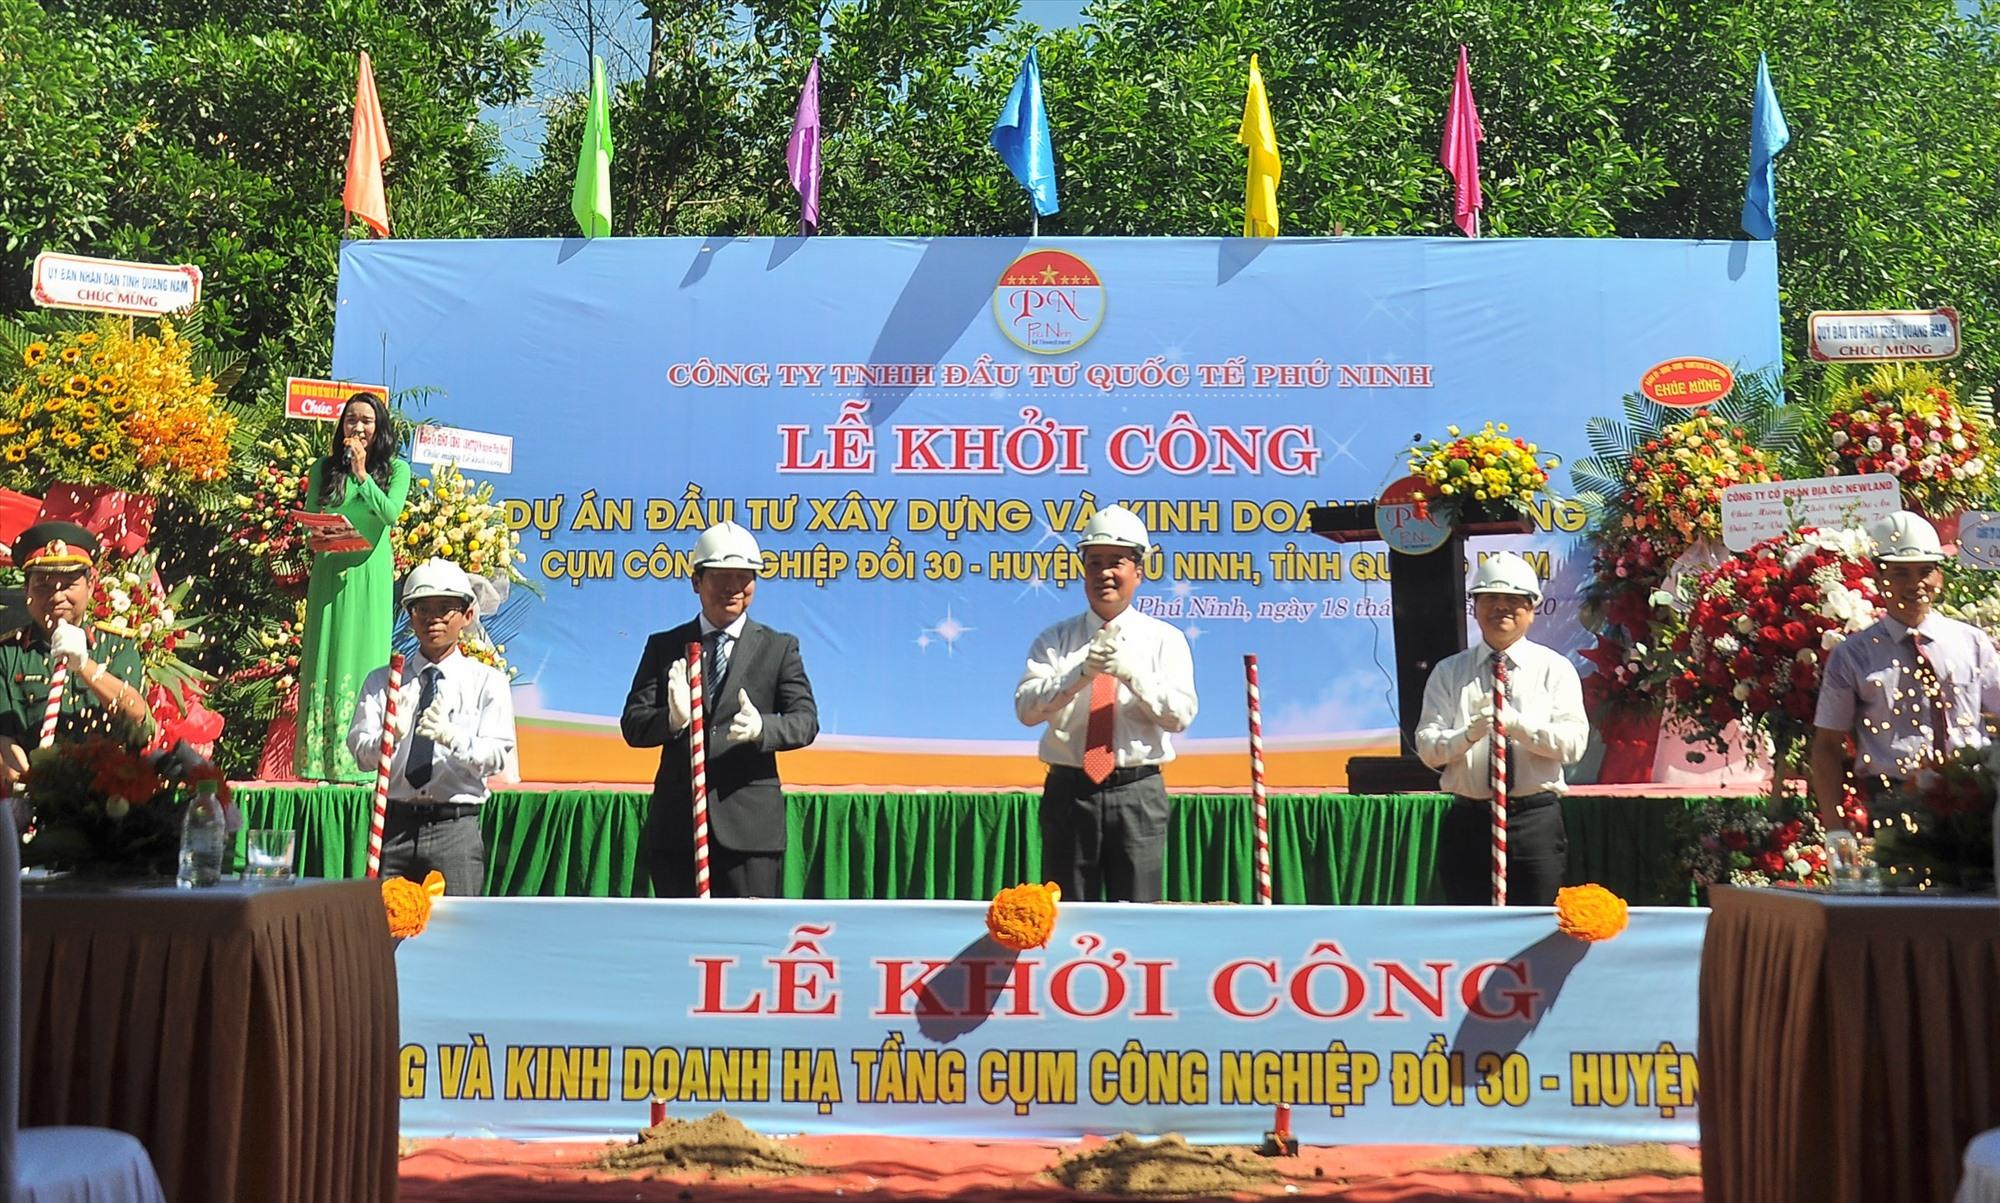 Lãnh đạo tỉnh, huyện Phú Ninh và đại diện công ty tiến hành thủ tịch khởi công dự án. Ảnh: VINH ANH